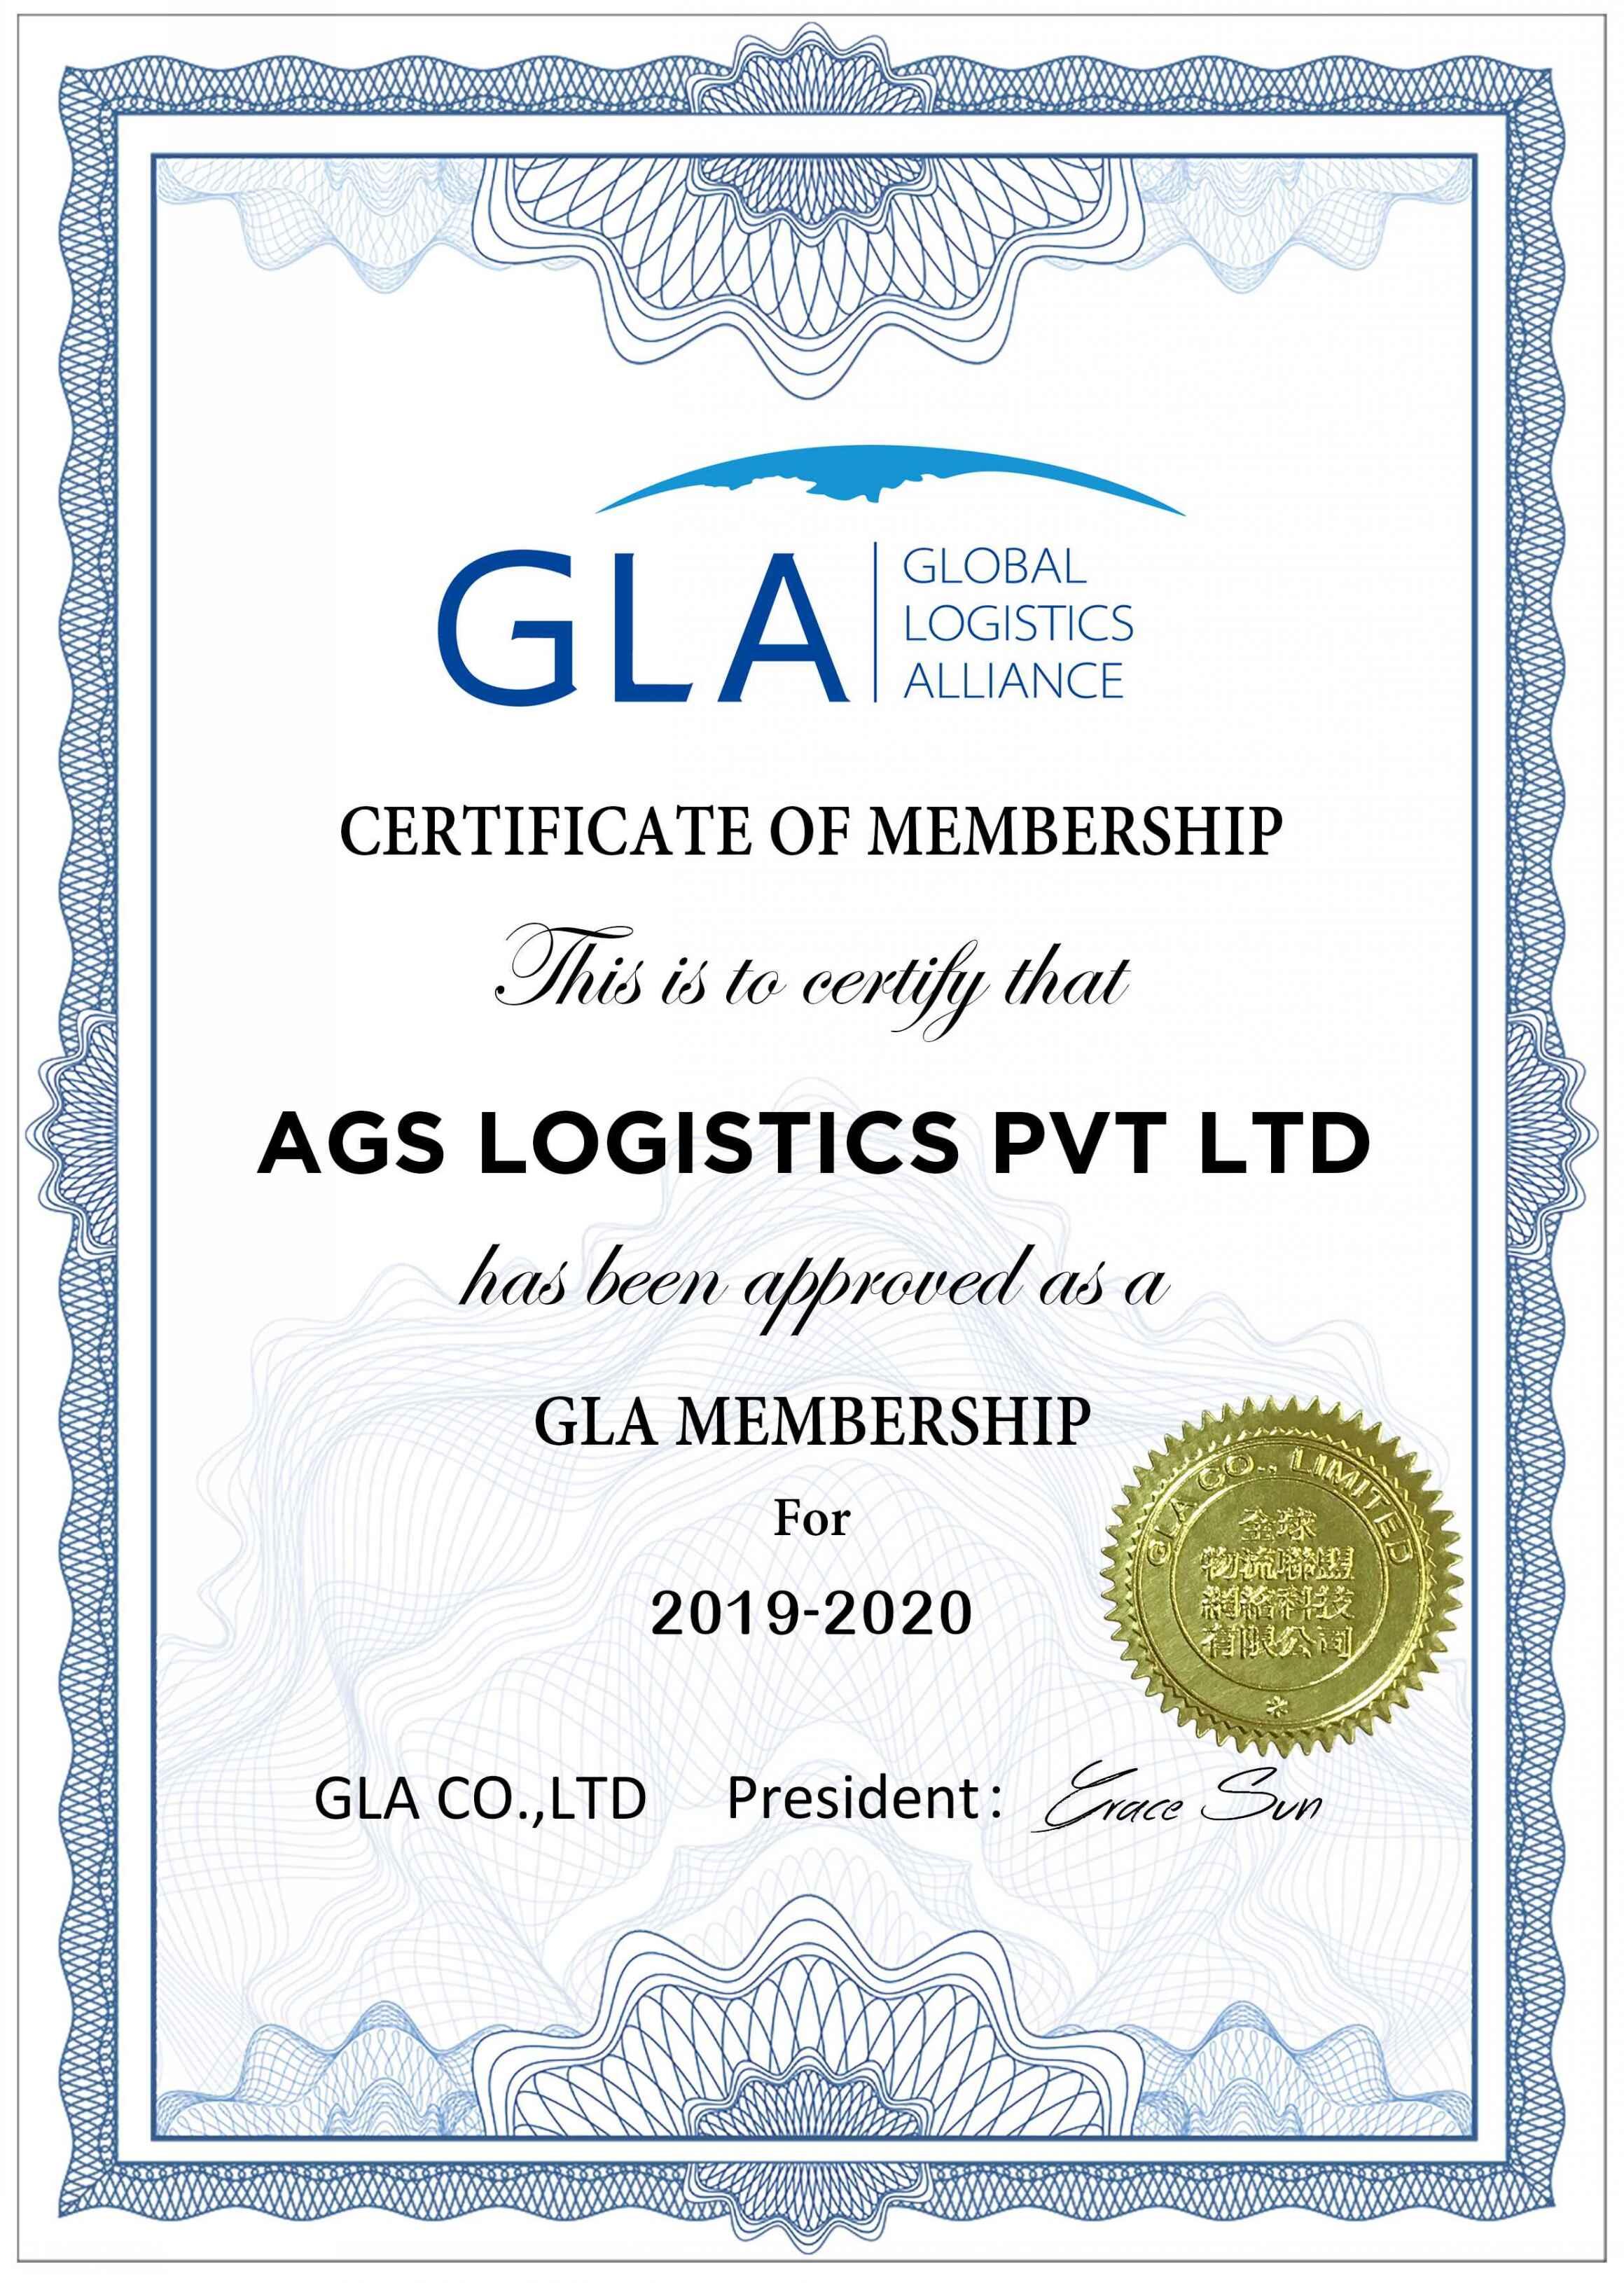 Ags Logistics Pvt Ltd gla new membership— ags logistics pvt ltd in india